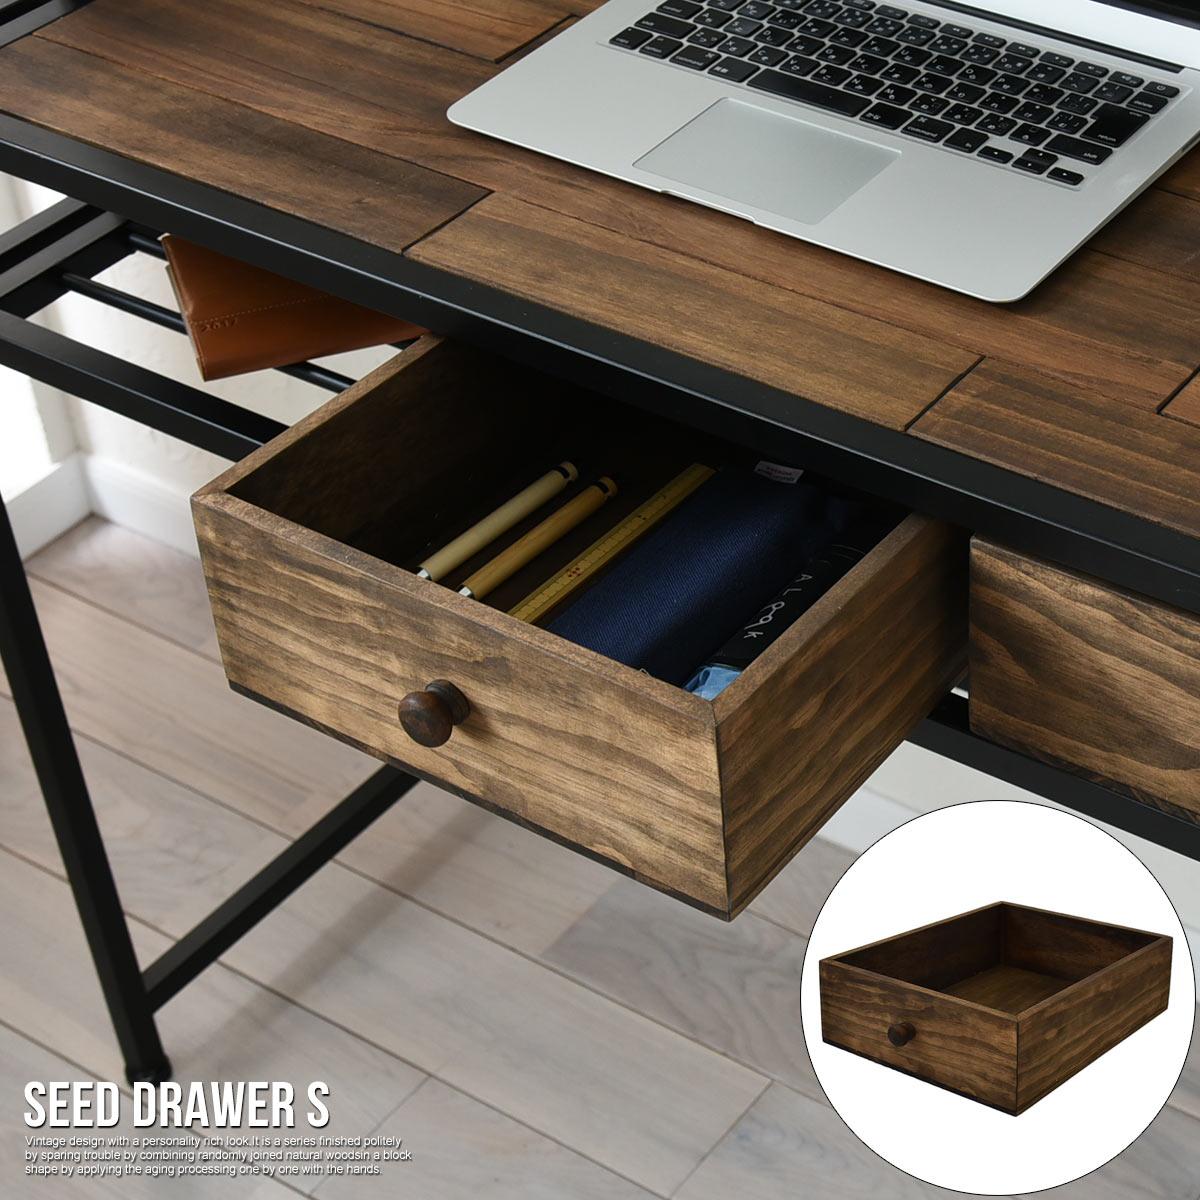 卓抜 SEED 値下げ シード シリーズのダイニングテーブル デスク に使える シンプル おすすめ おしゃれ 引き出し 収納ボックス 新生活 着後レビューでクーポン あす楽 送料無料 小